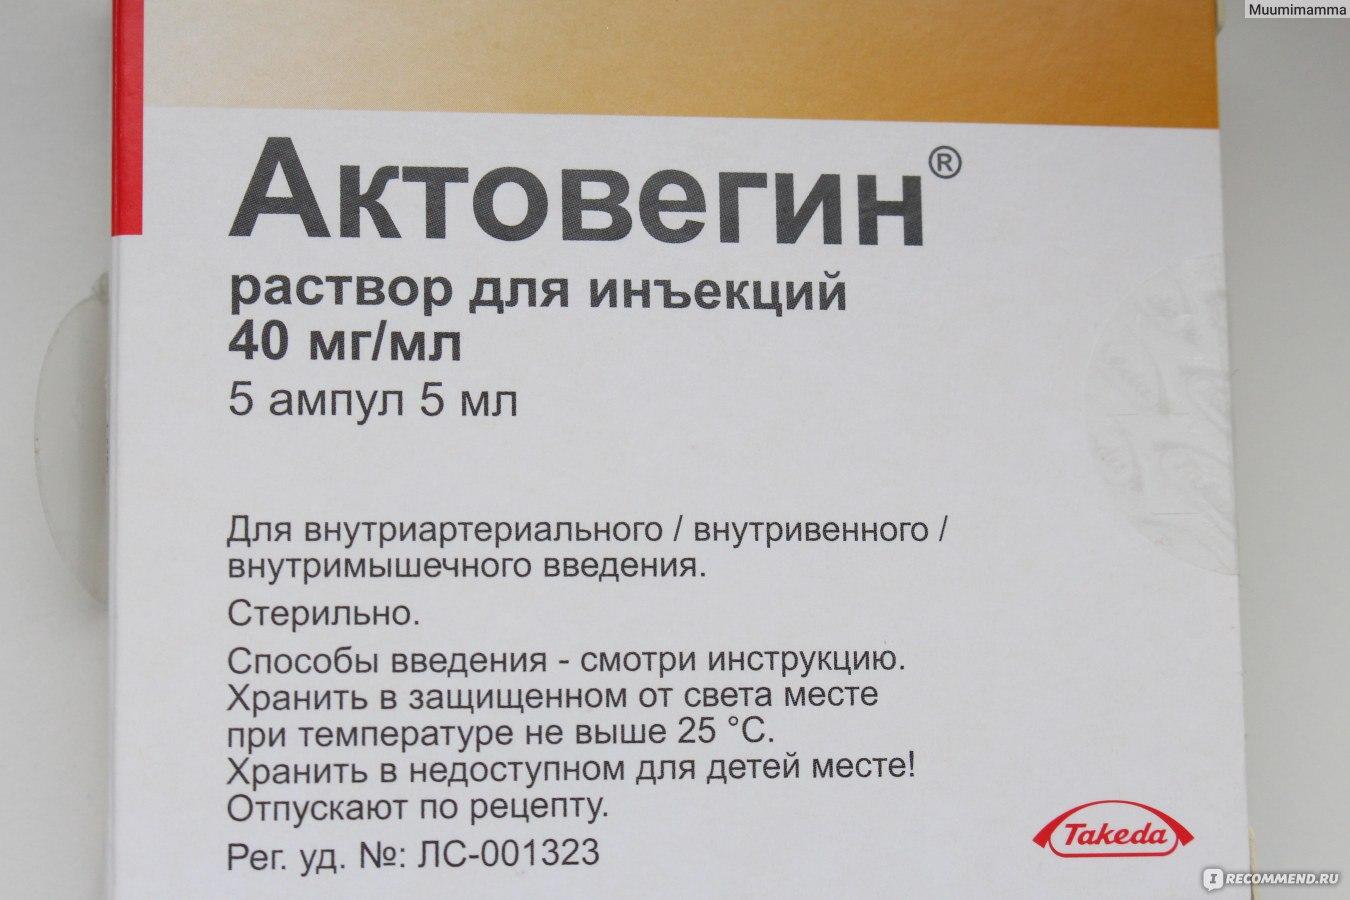 актовегин инструкция по применению уколы